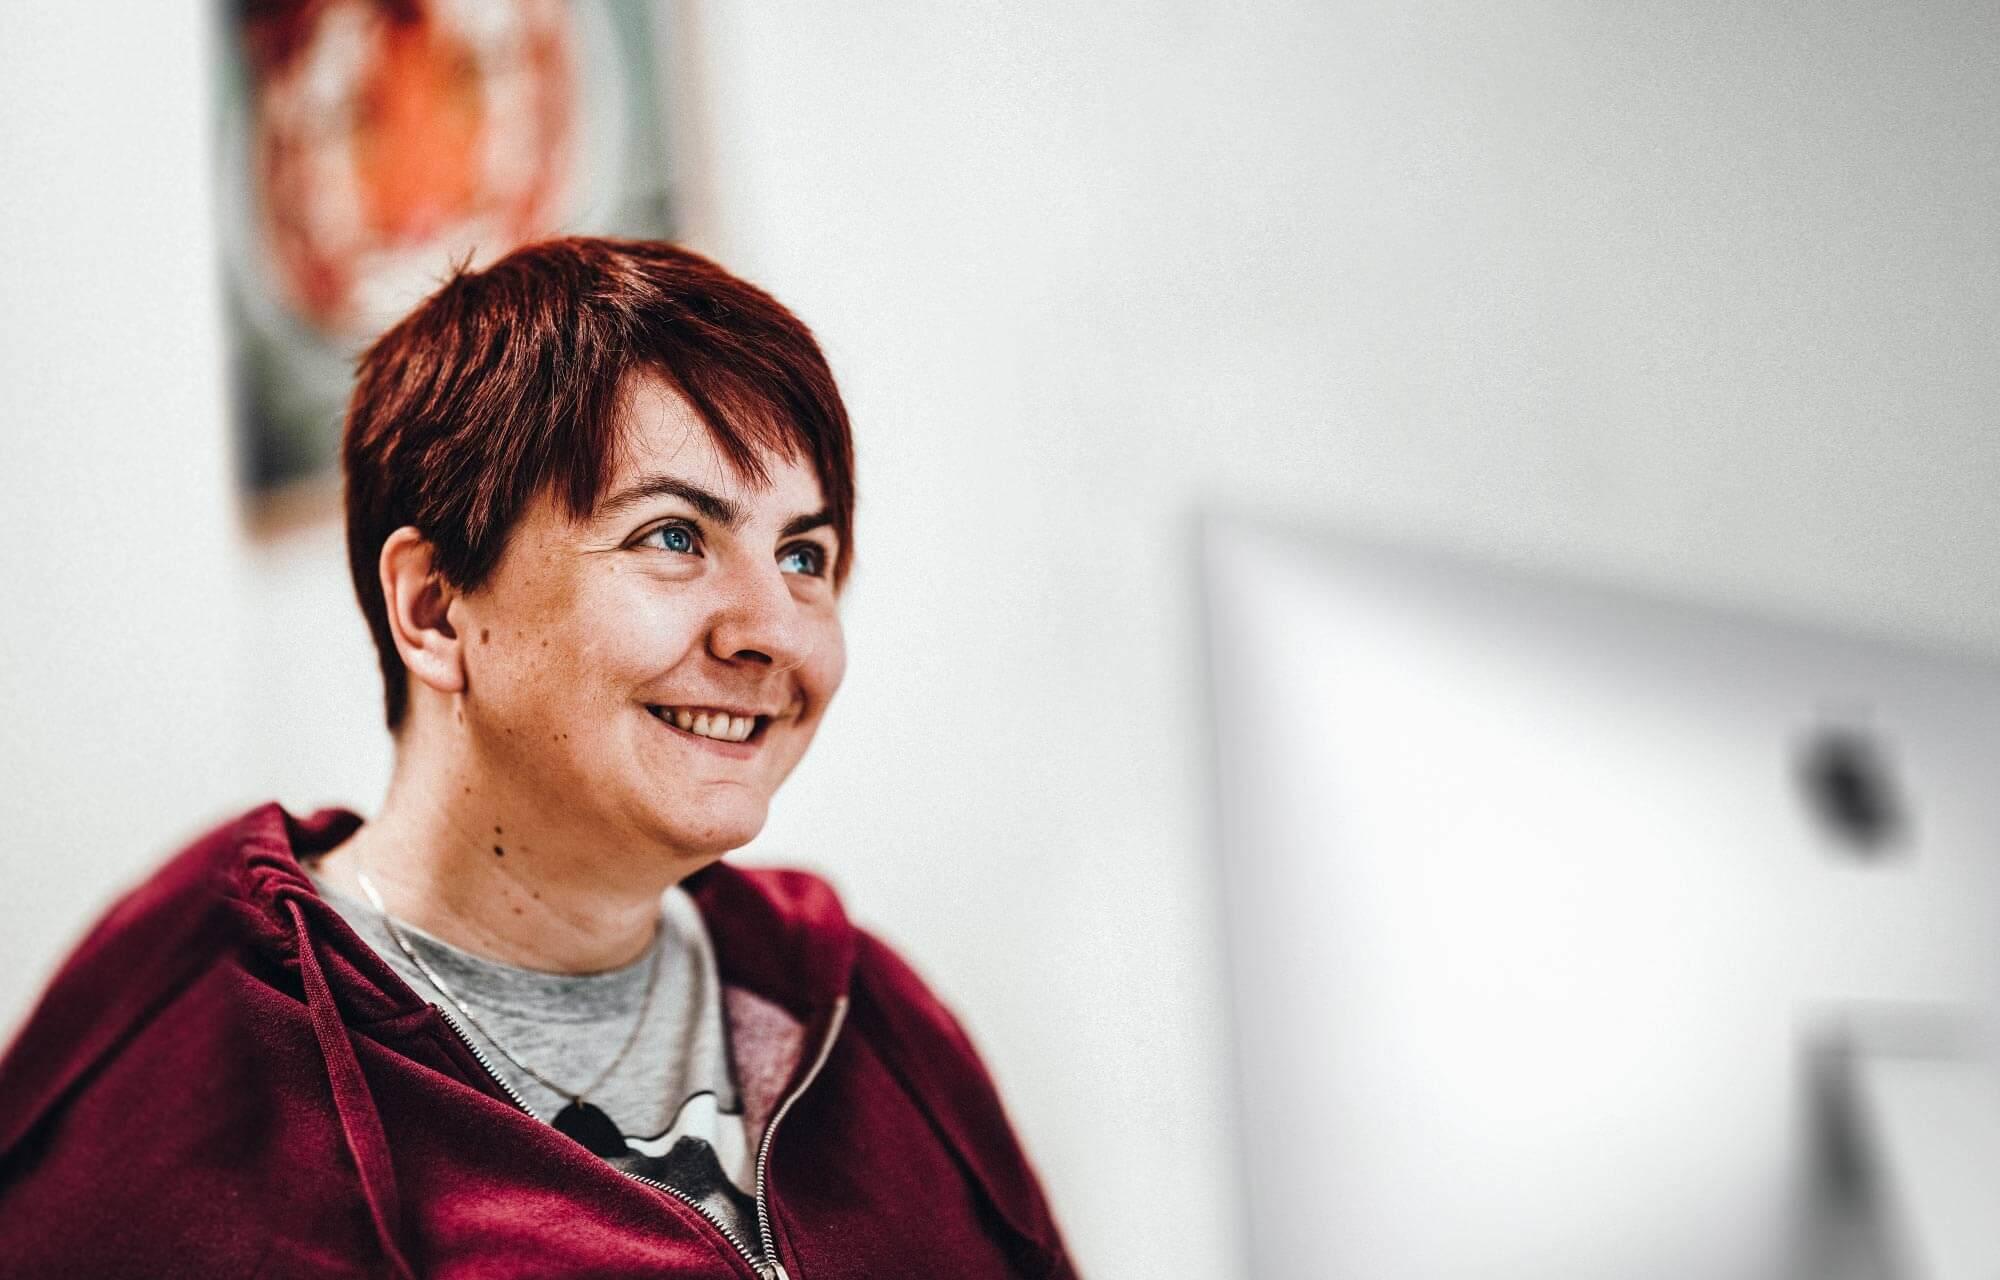 teamElgato Werbeagentur – Birgit Portrait